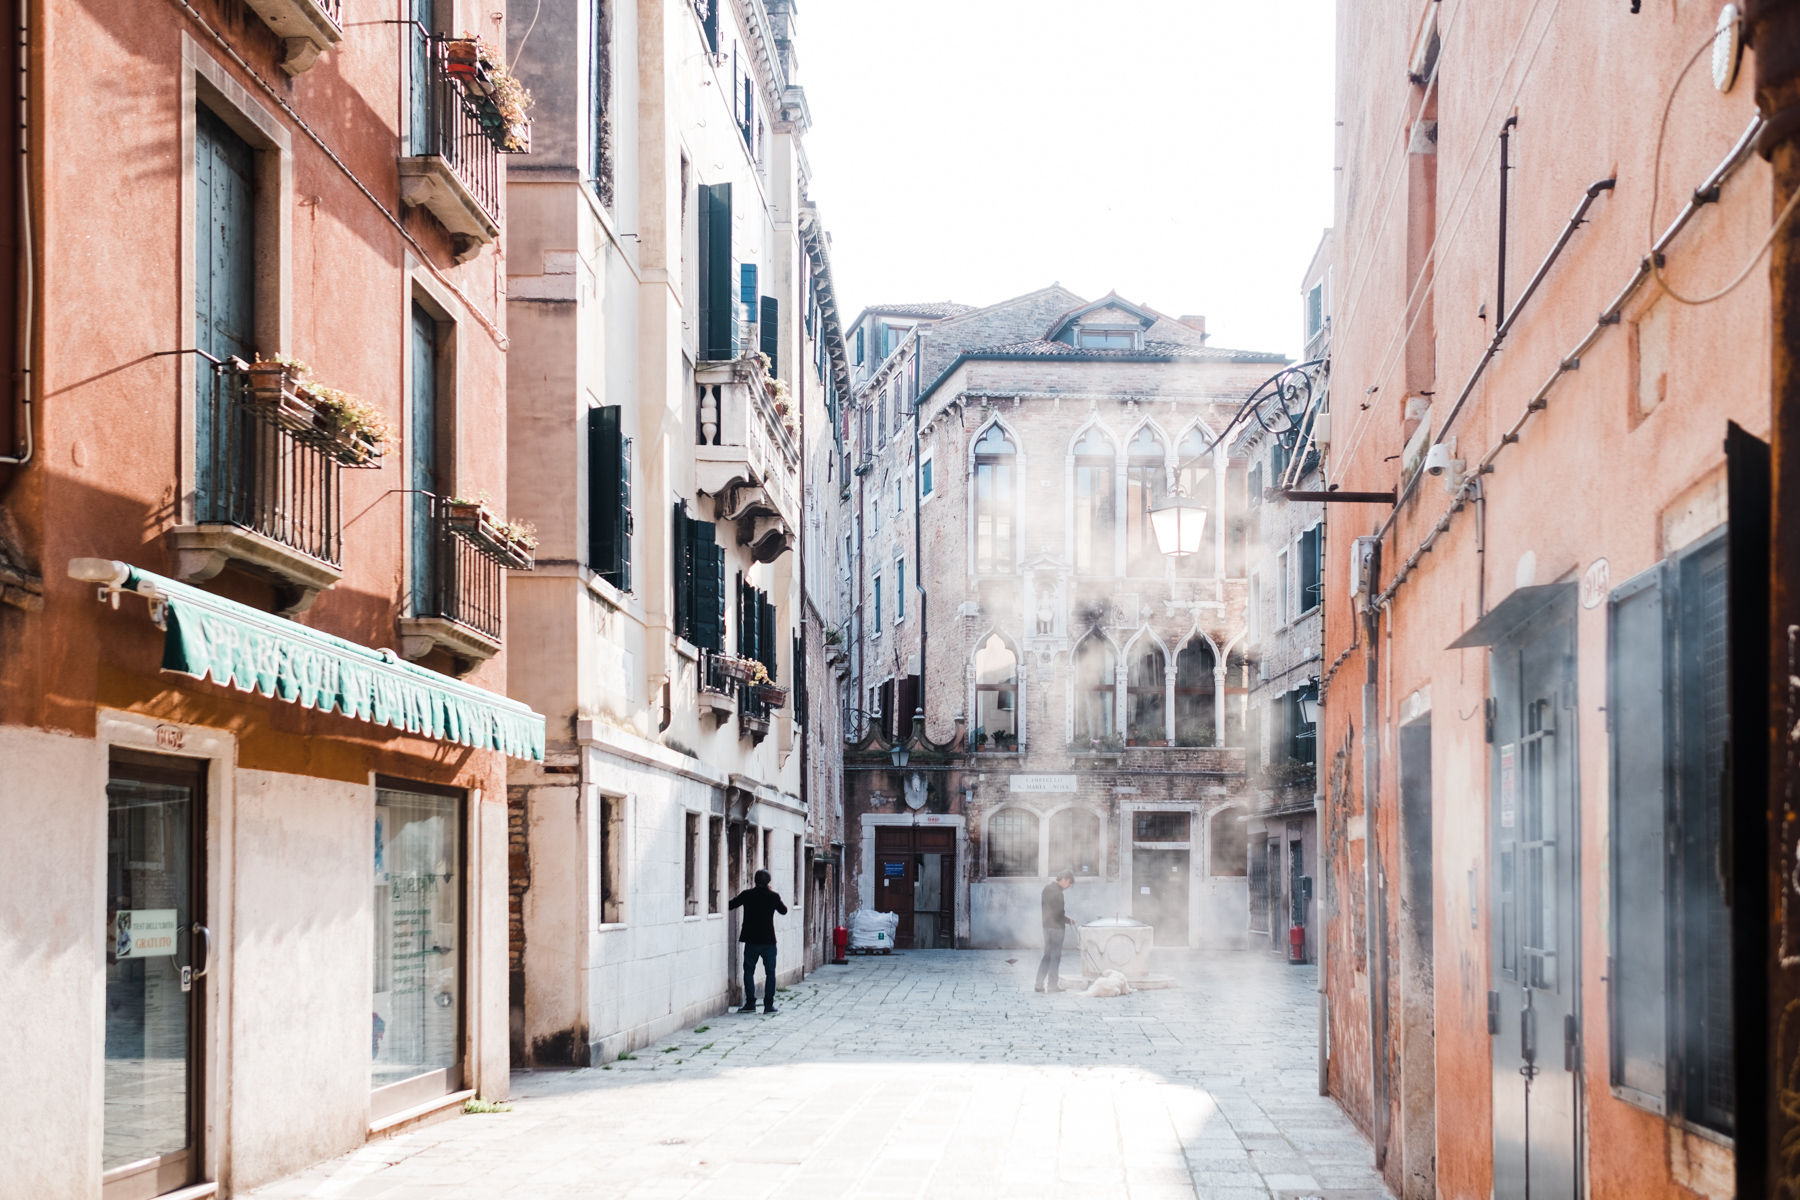 Venice_deersphotography-100